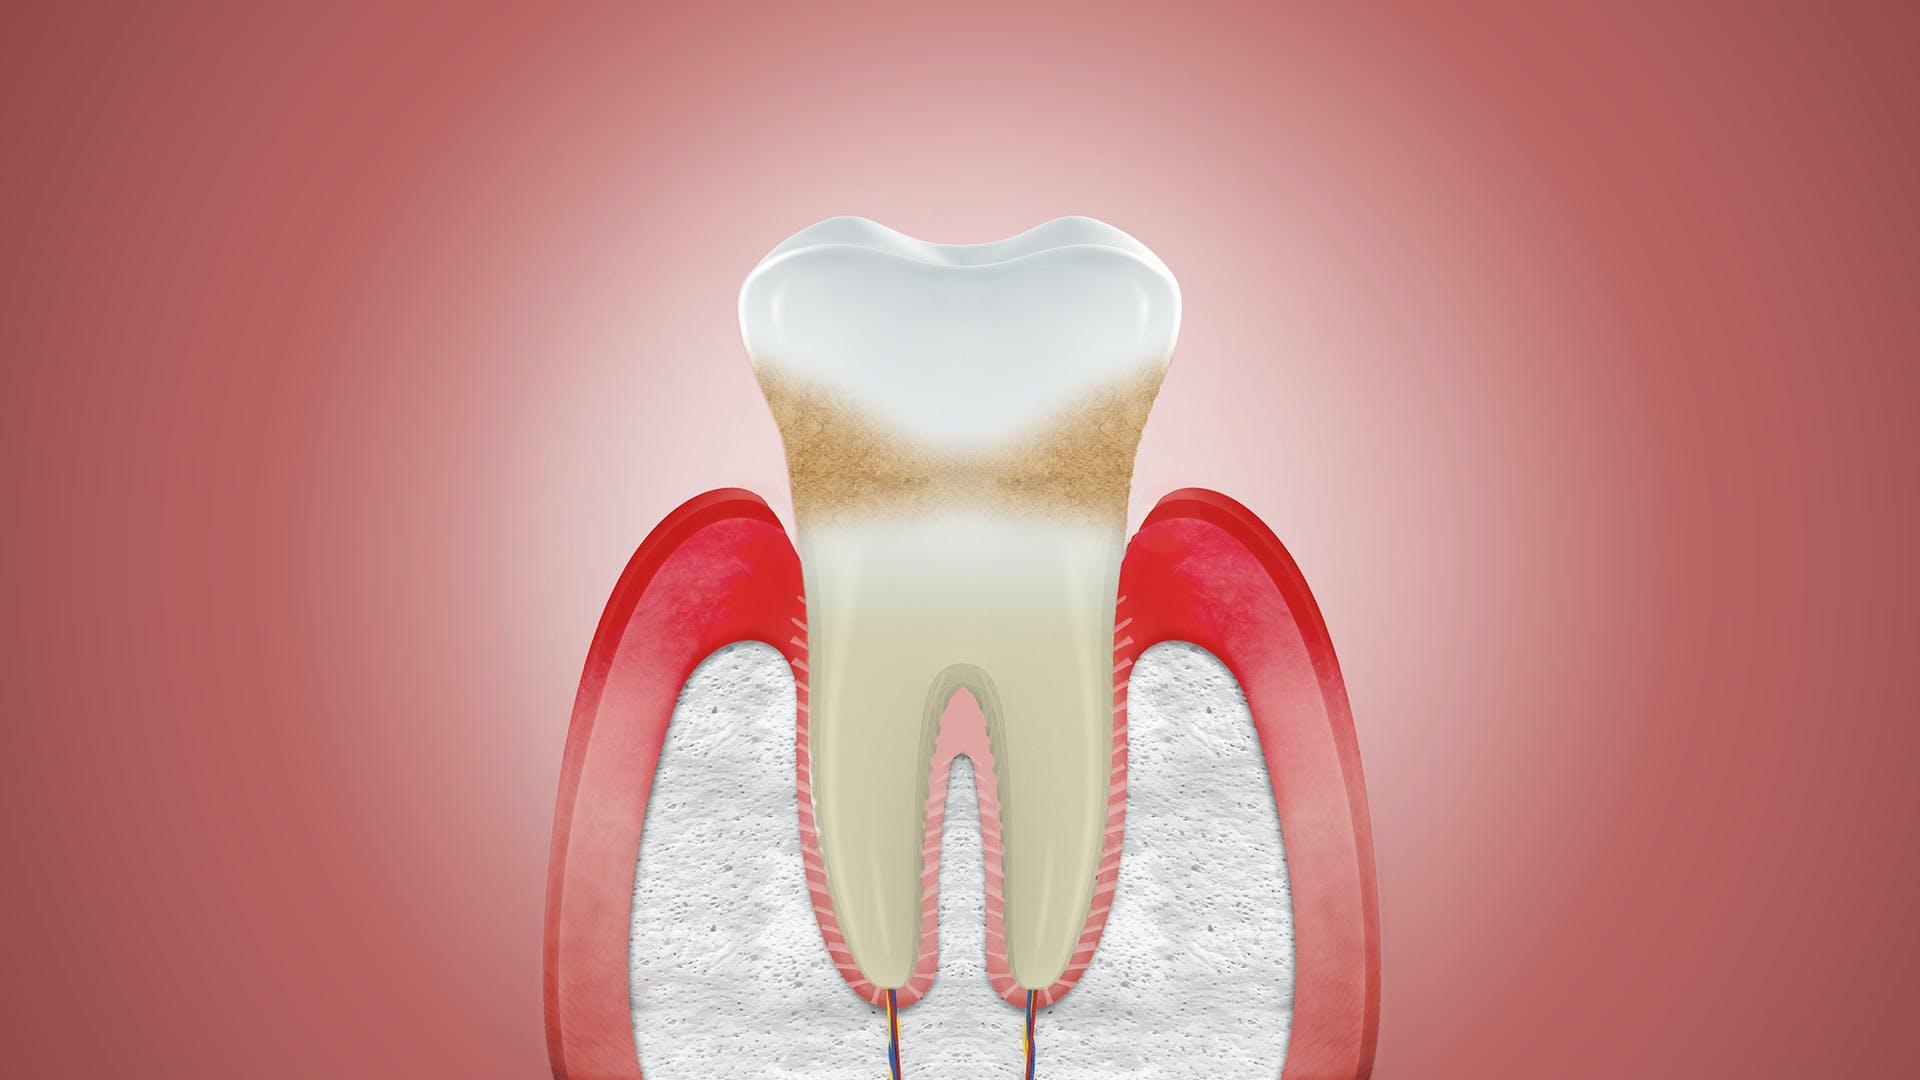 Darstellung von Zahnfleischschwund. Was tun bei Zahnfleischrückgang? Hier lesen.